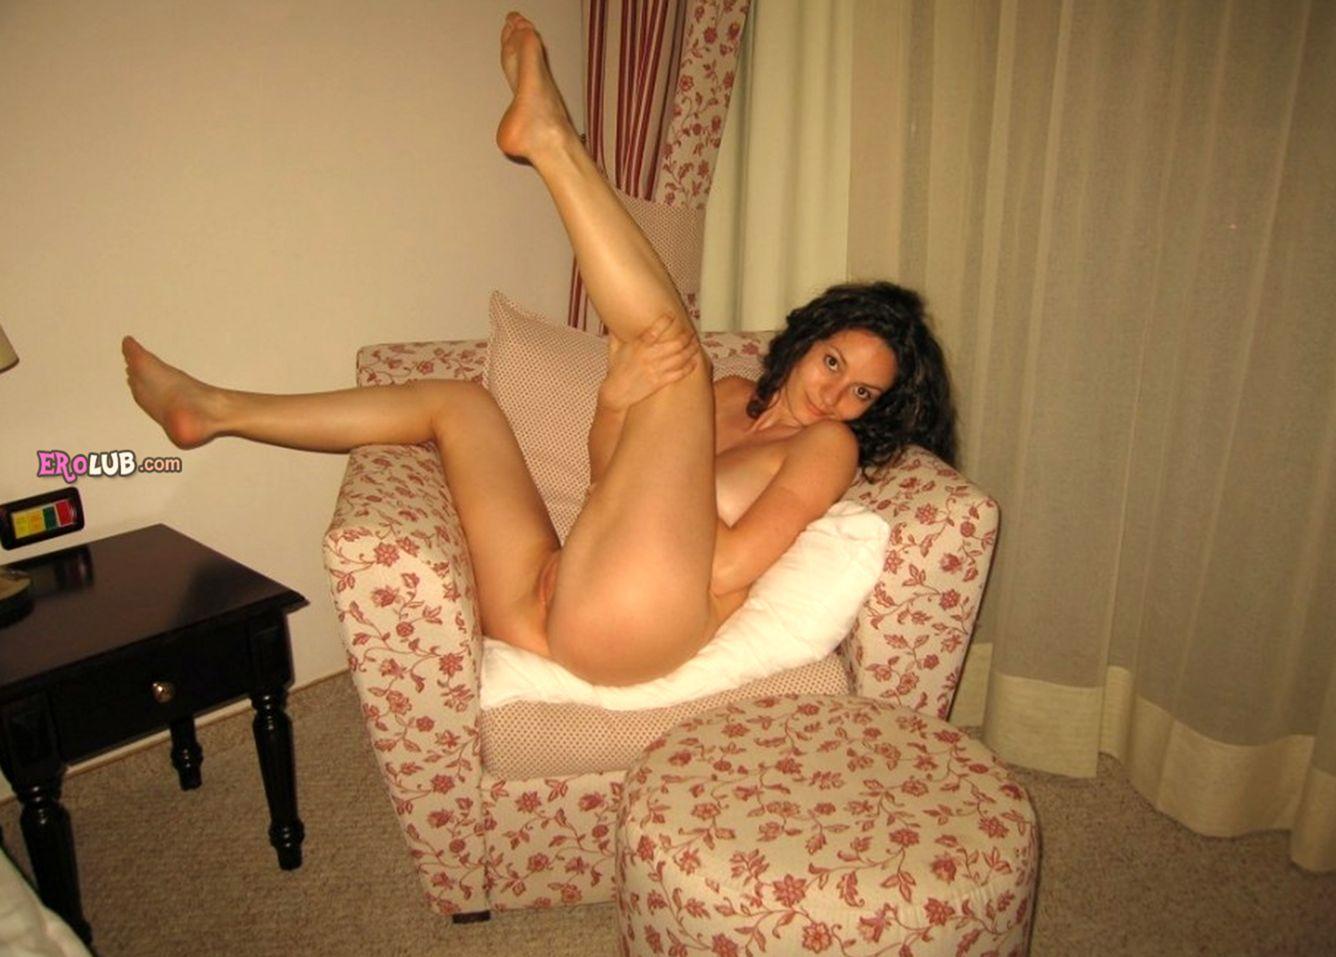 порно фото для знакомства с целью секса